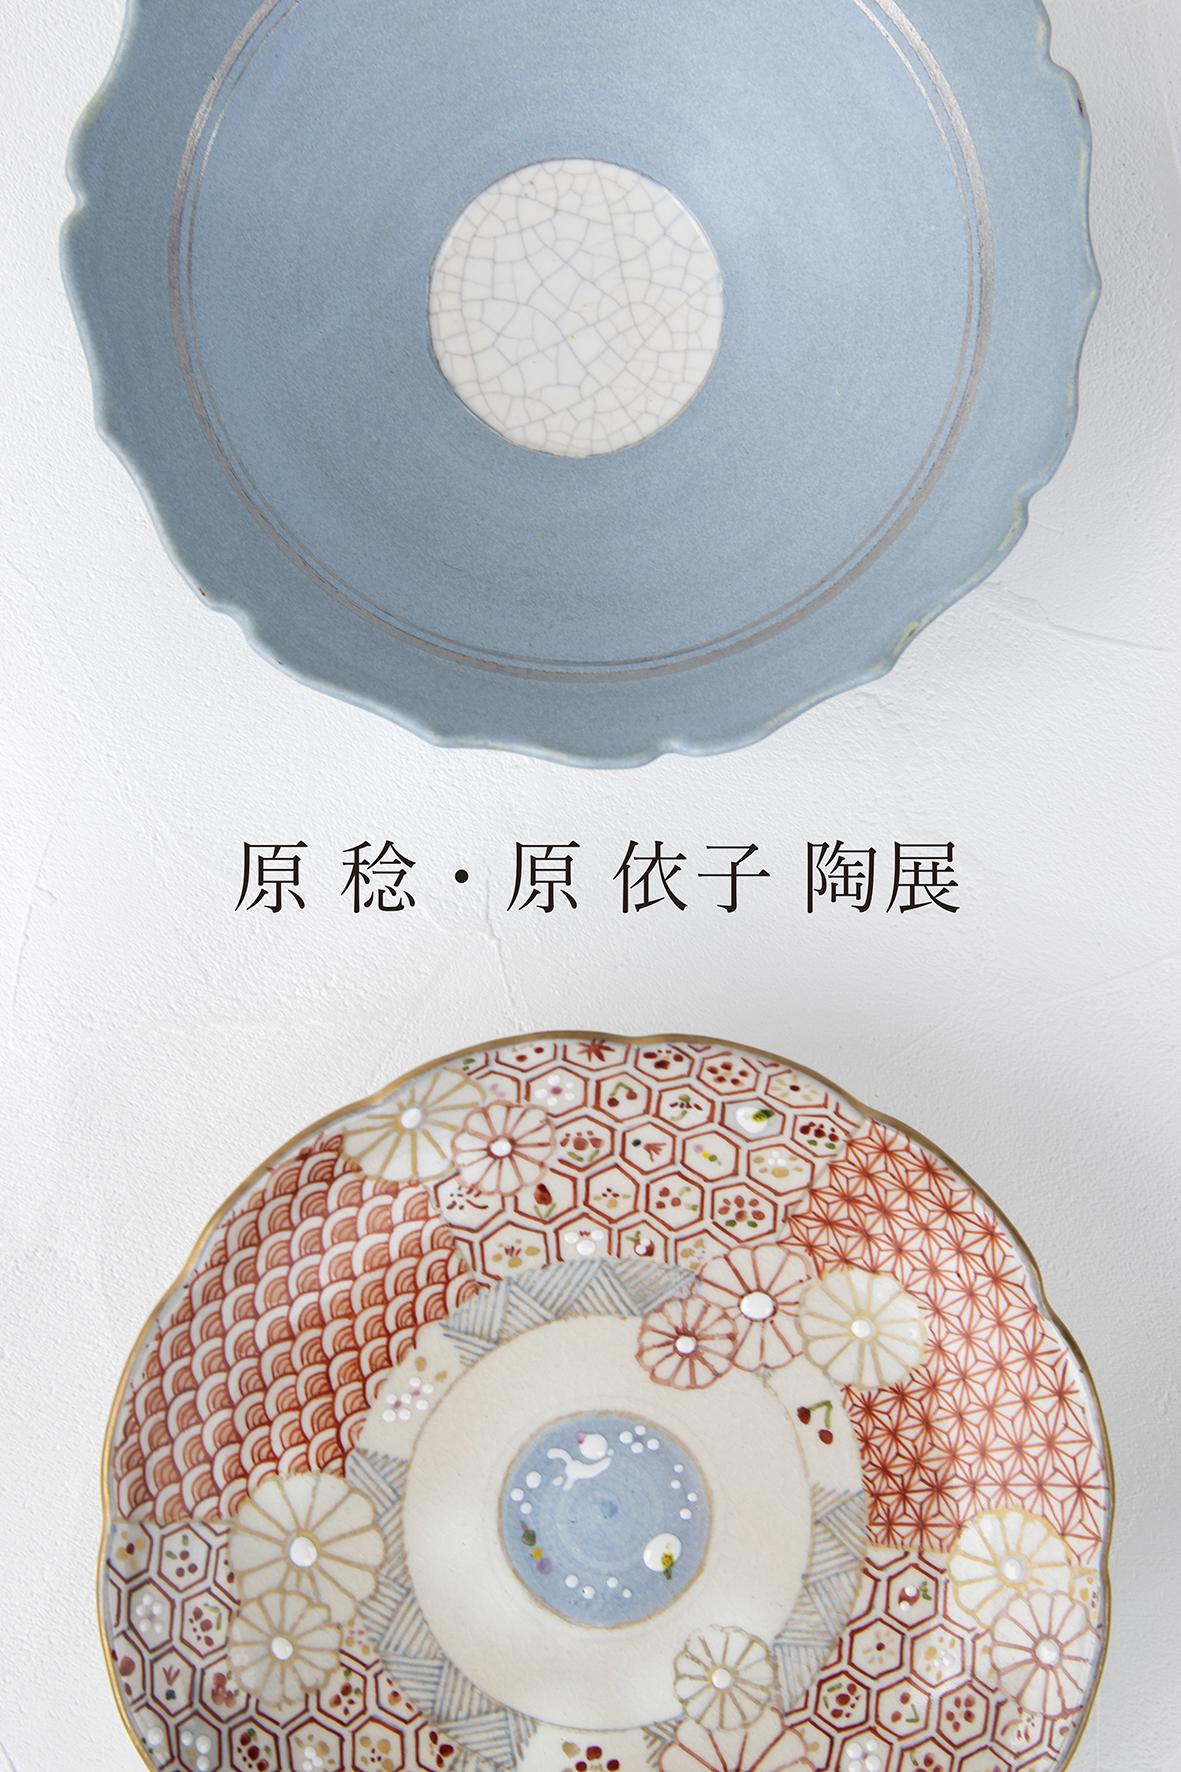 ■「原 稔・原 依子 陶展」の ご来店予約についてのご案内■